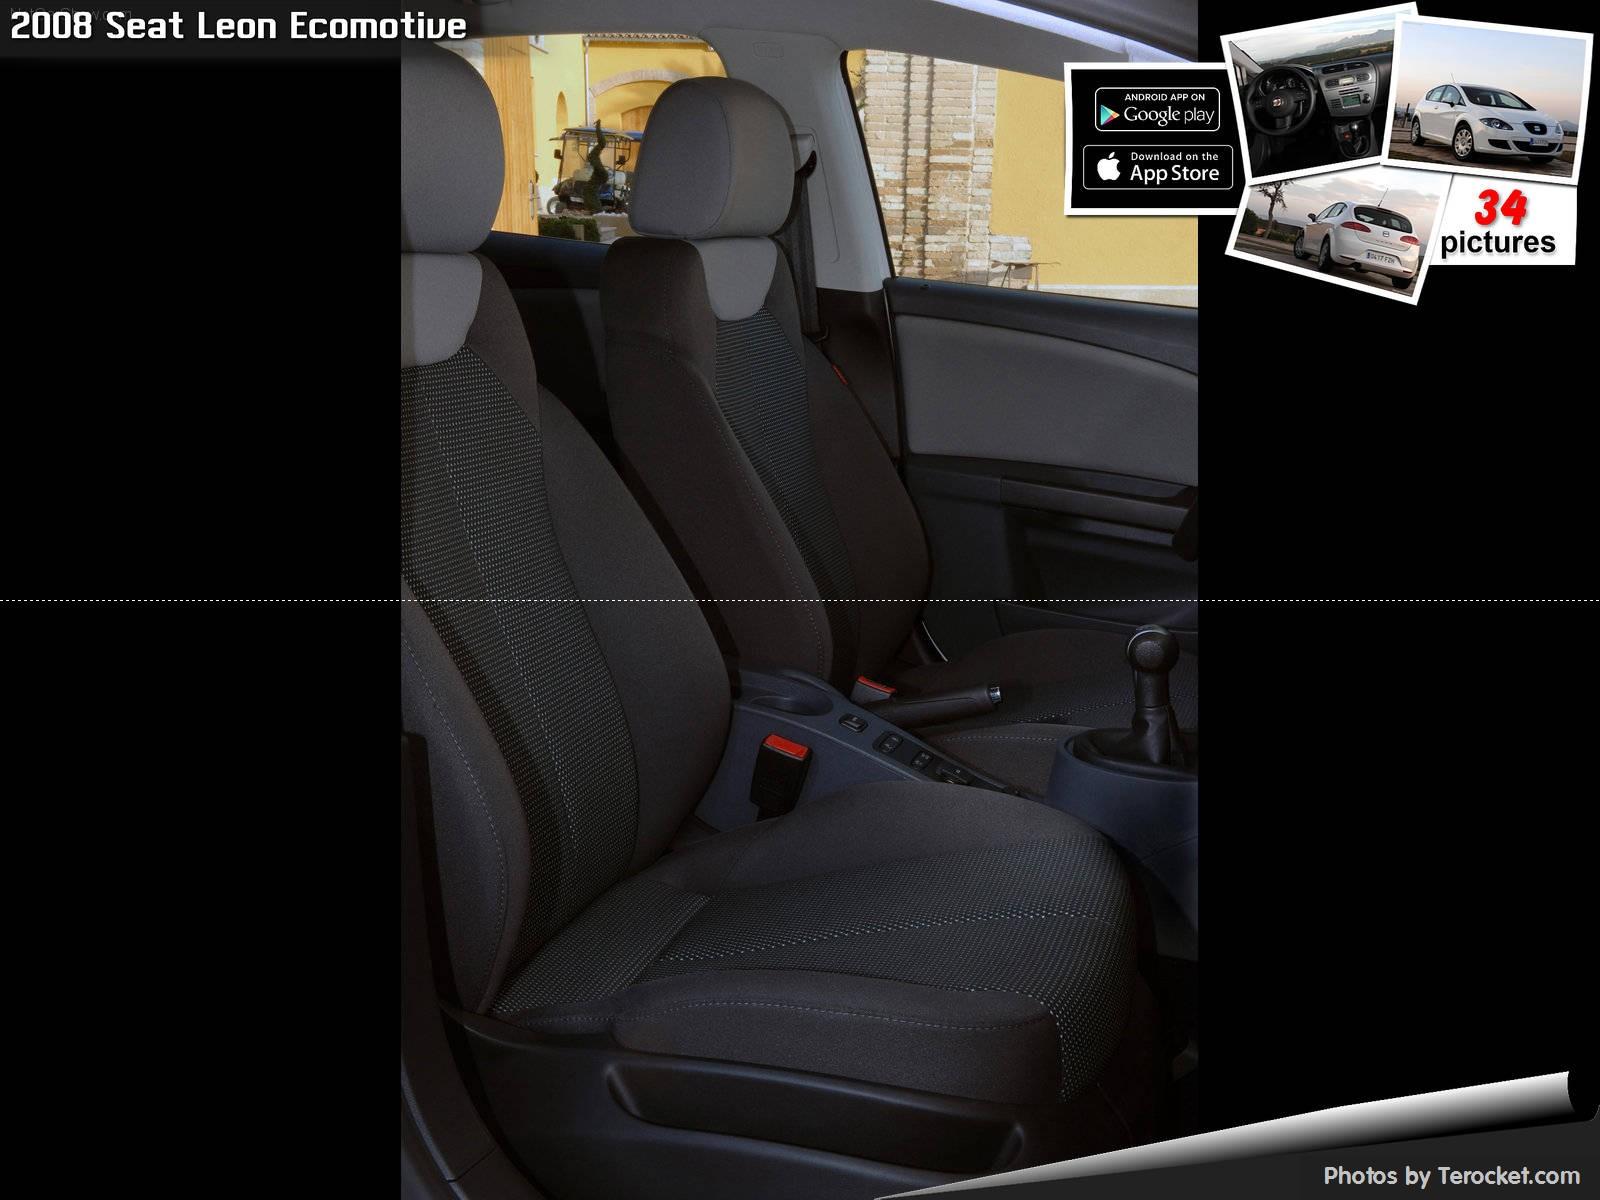 Hình ảnh xe ô tô Seat Leon Ecomotive 2008 & nội ngoại thất